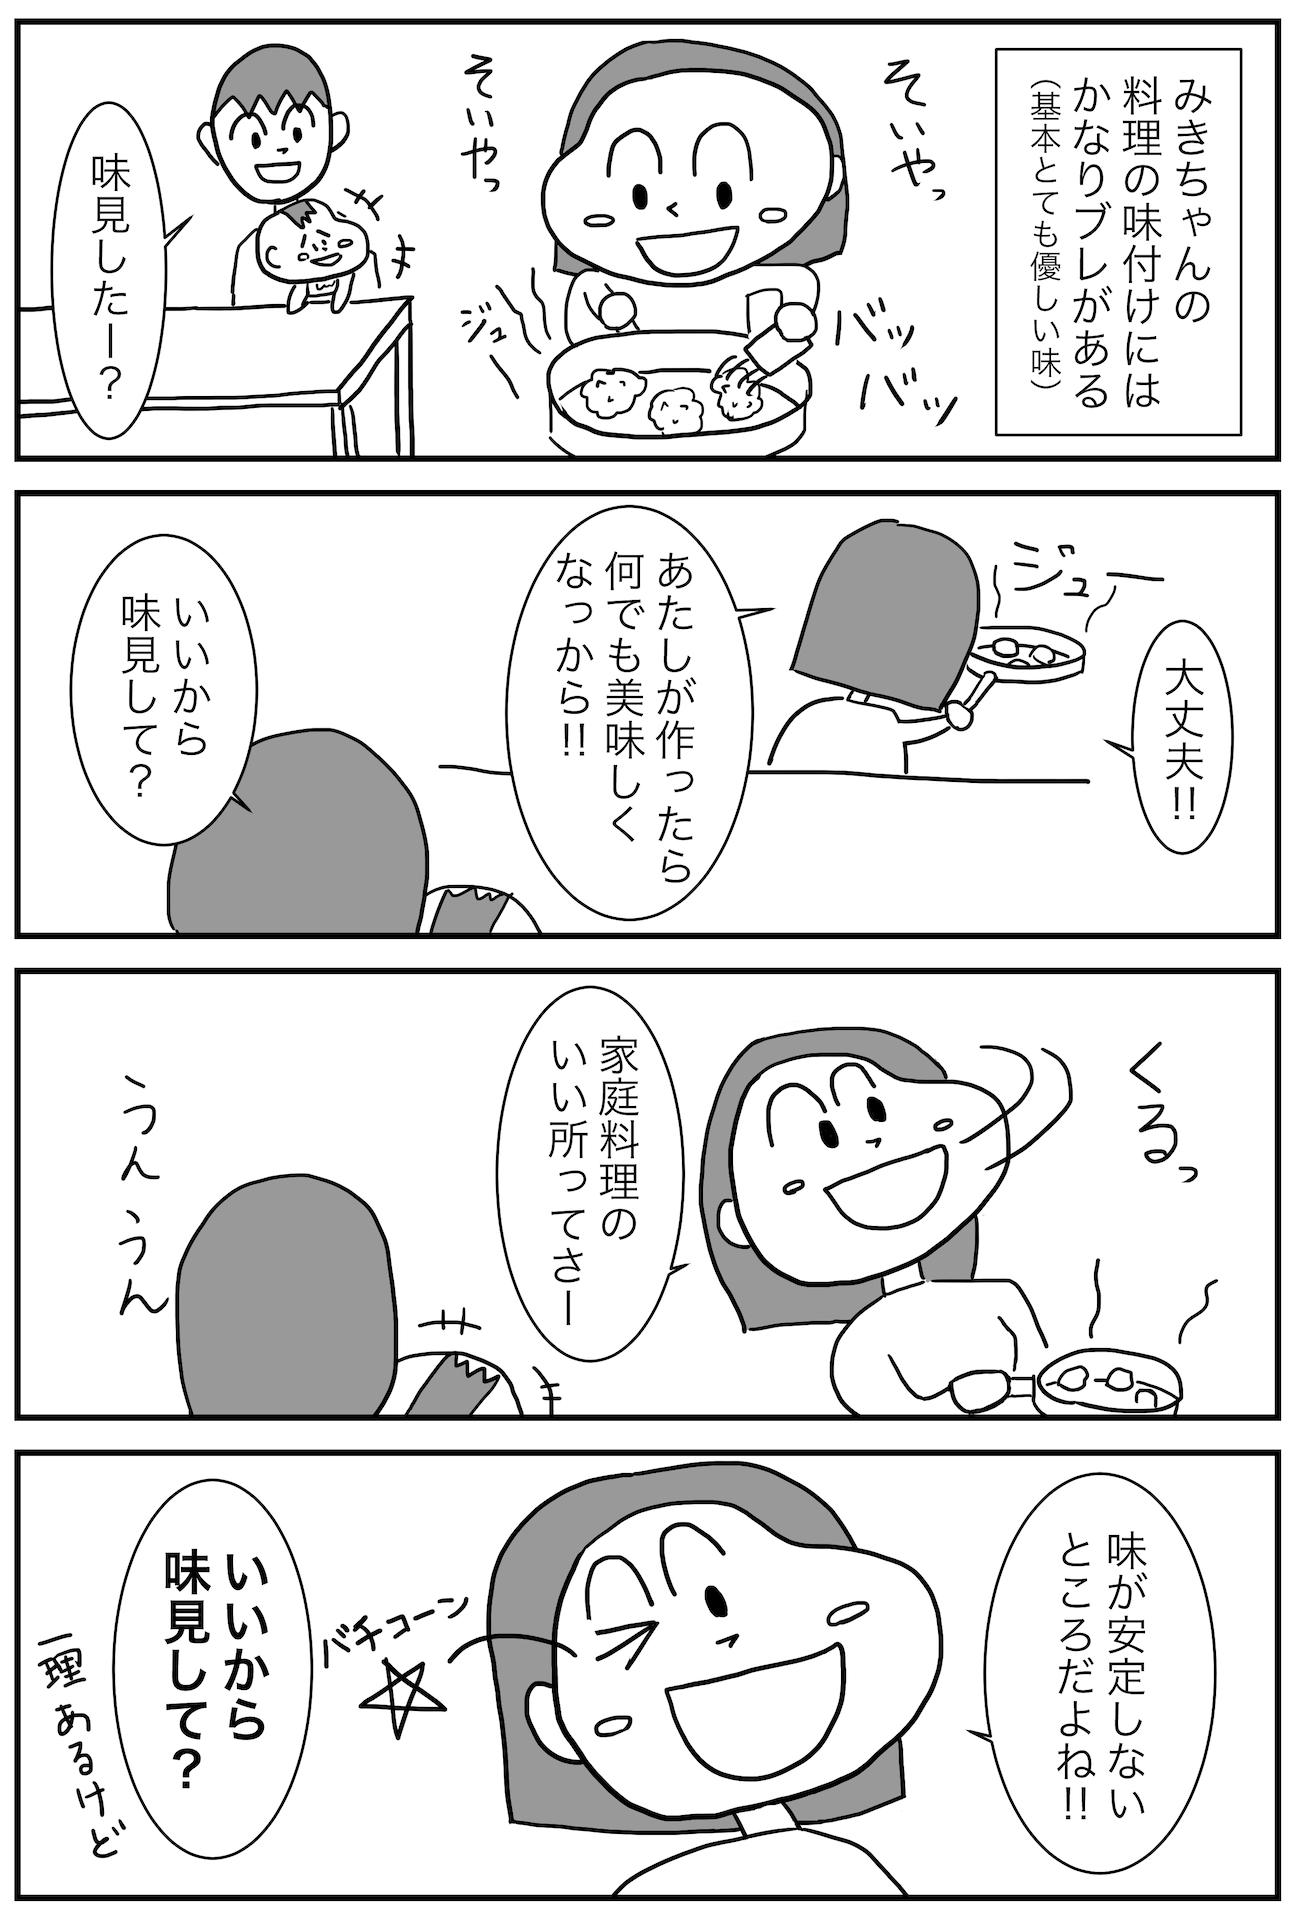 4コマ漫画(味見)